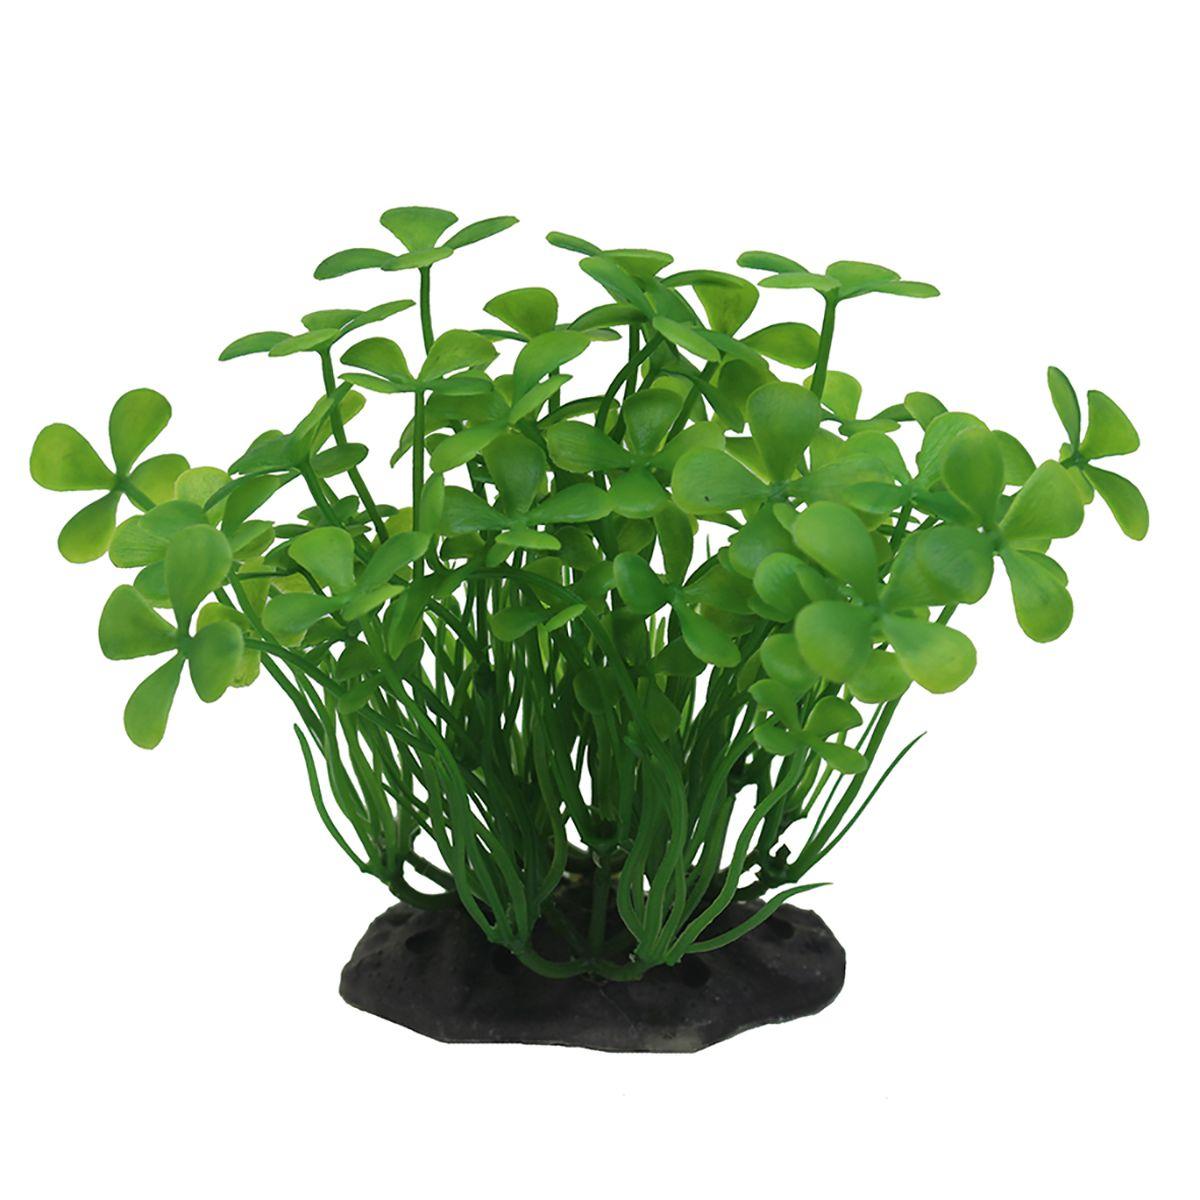 Растение для аквариума ArtUniq Марисилия зеленая, высота 10-12 смART-1192120Композиция из искусственных растений ArtUniq превосходно украсит и оживит аквариум.Растения - это важная часть любой композиции, они помогут вдохнуть жизнь в ландшафт любого аквариума или террариума. А их сходствос природными порадует даже самых взыскательных ценителей.